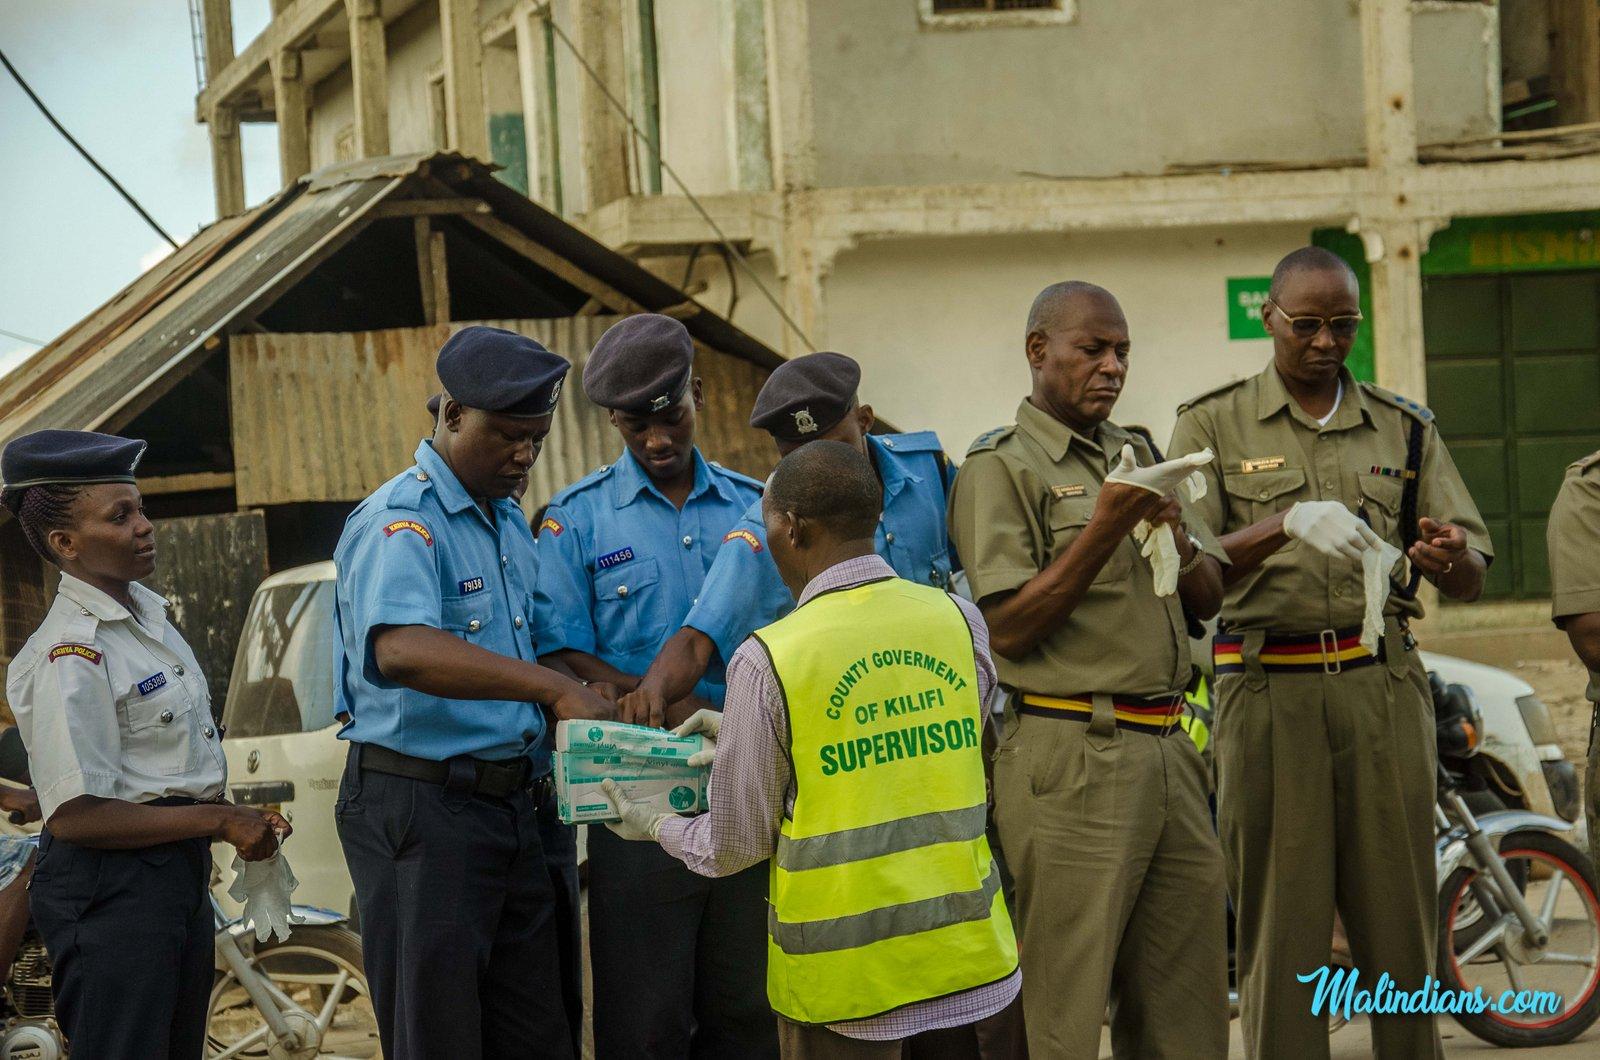 Malindi Town Clean up Kisumu Ndogo 56 - Malindi Town Clean-up in Kisumu Ndogo ( Pictorial)